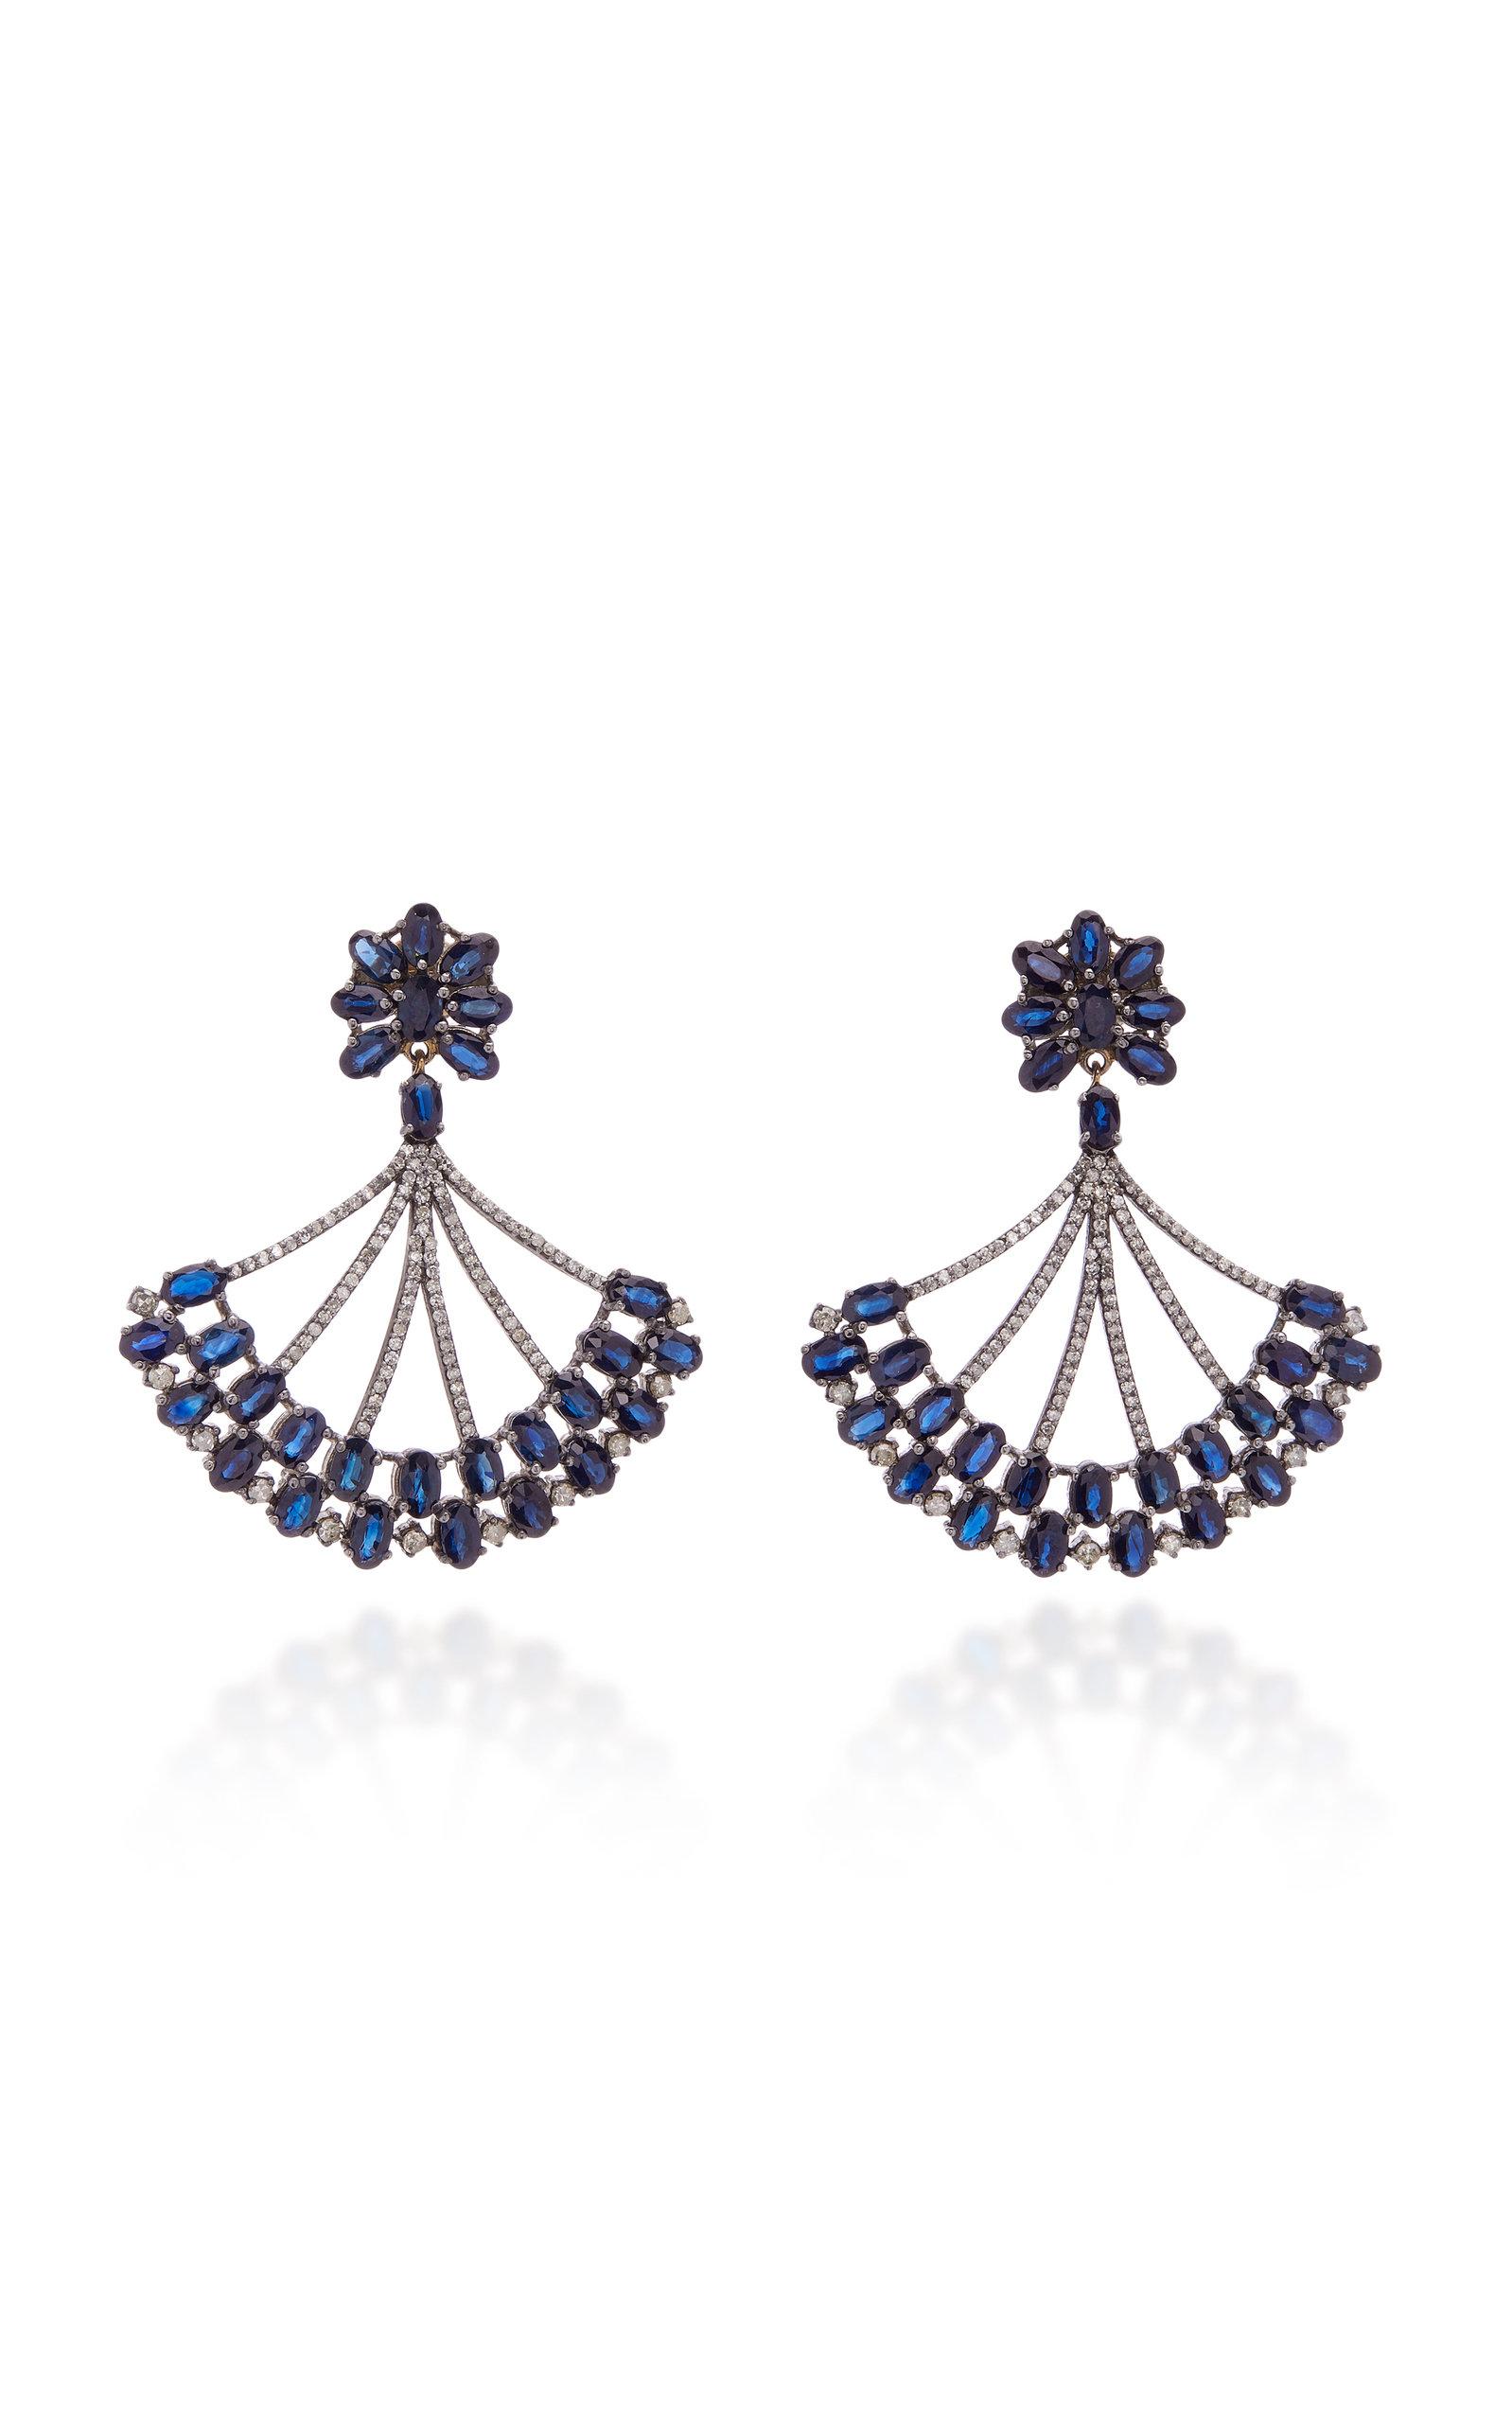 SANJAY KASLIWAL 14K Gold Silver Sapphire And Diamond Earrings in Blue